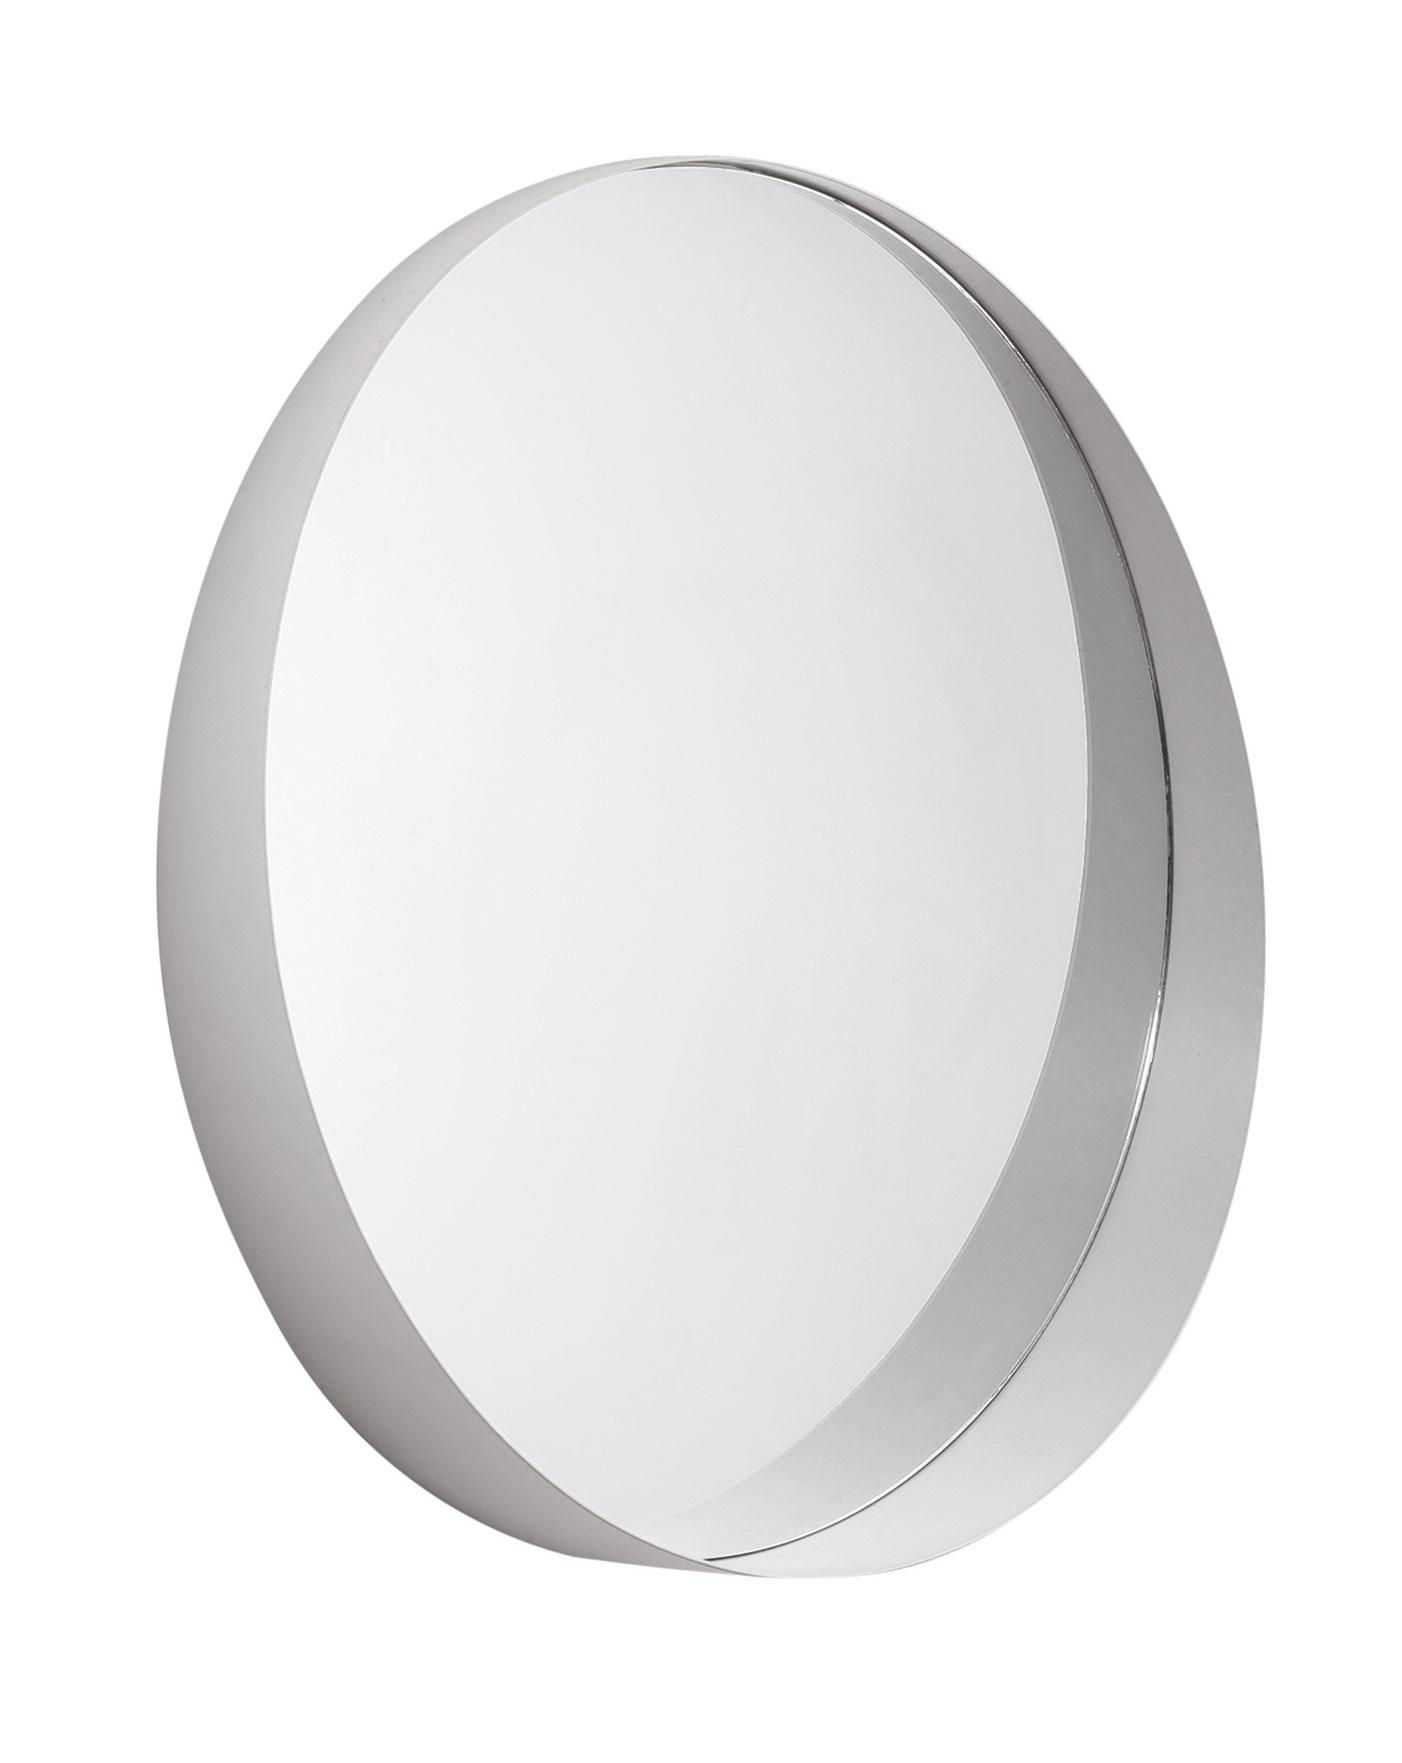 Espelho redondo off white em metal